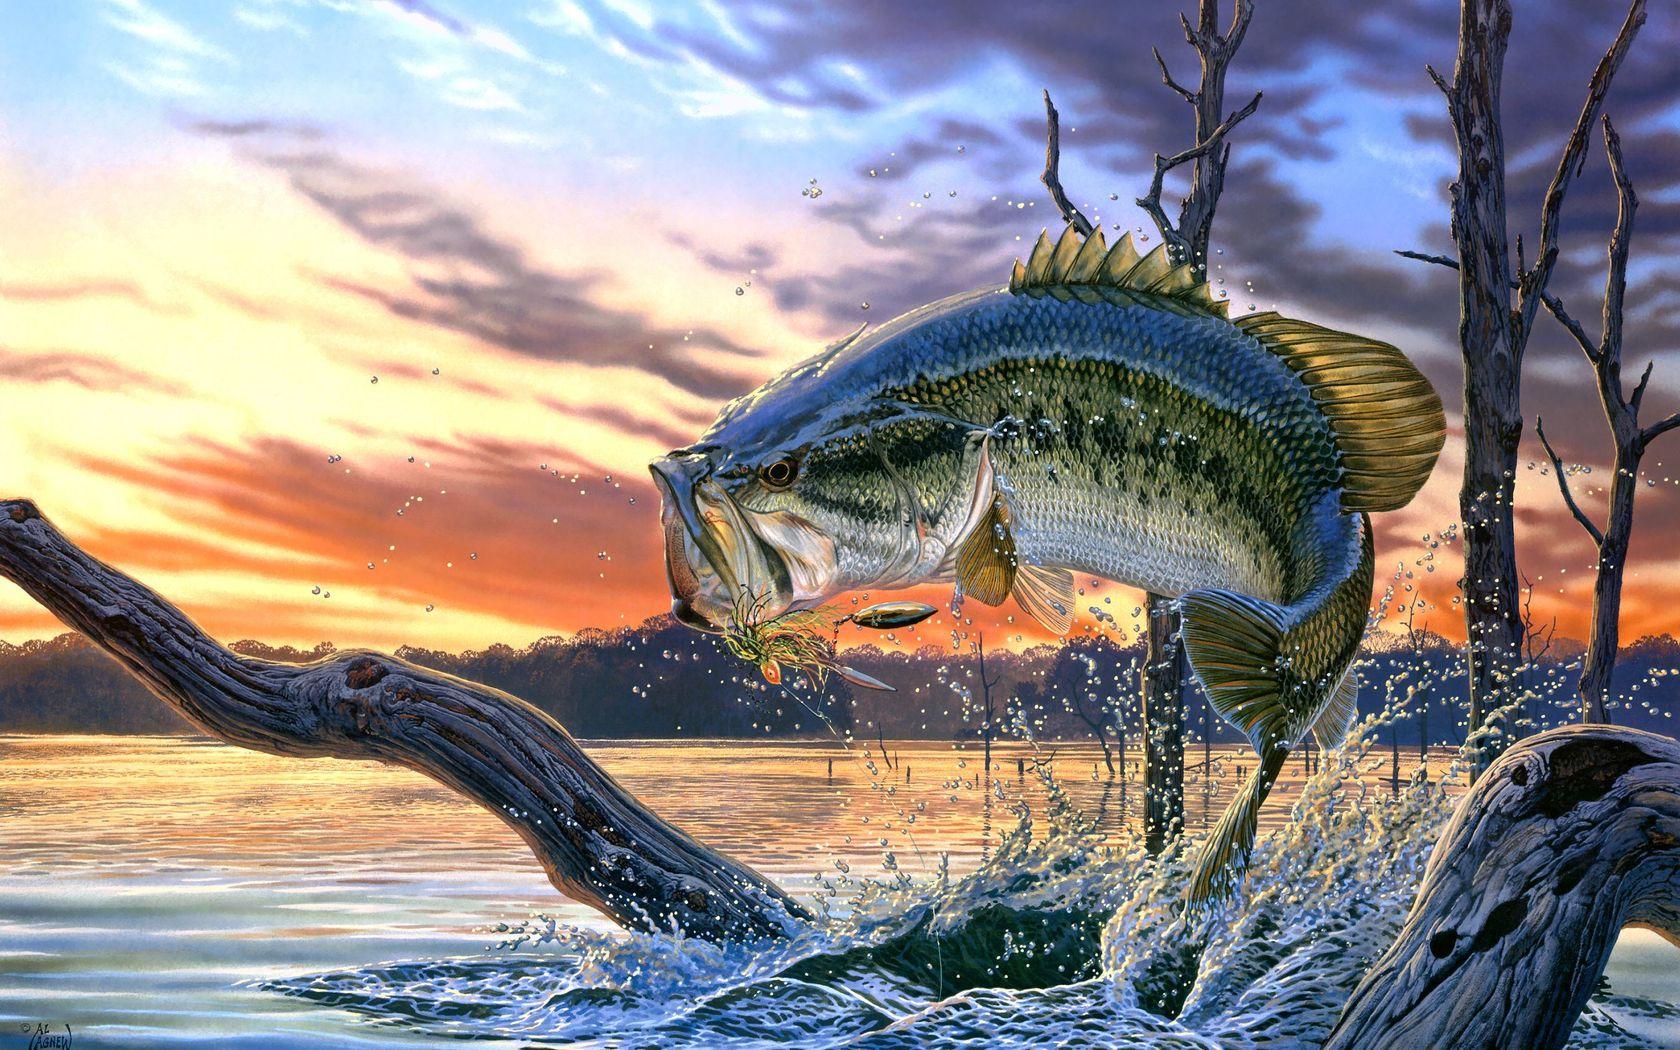 Largemouth Bass Fishing Wallpaper Background Screensaver Best Bass 1680x1050